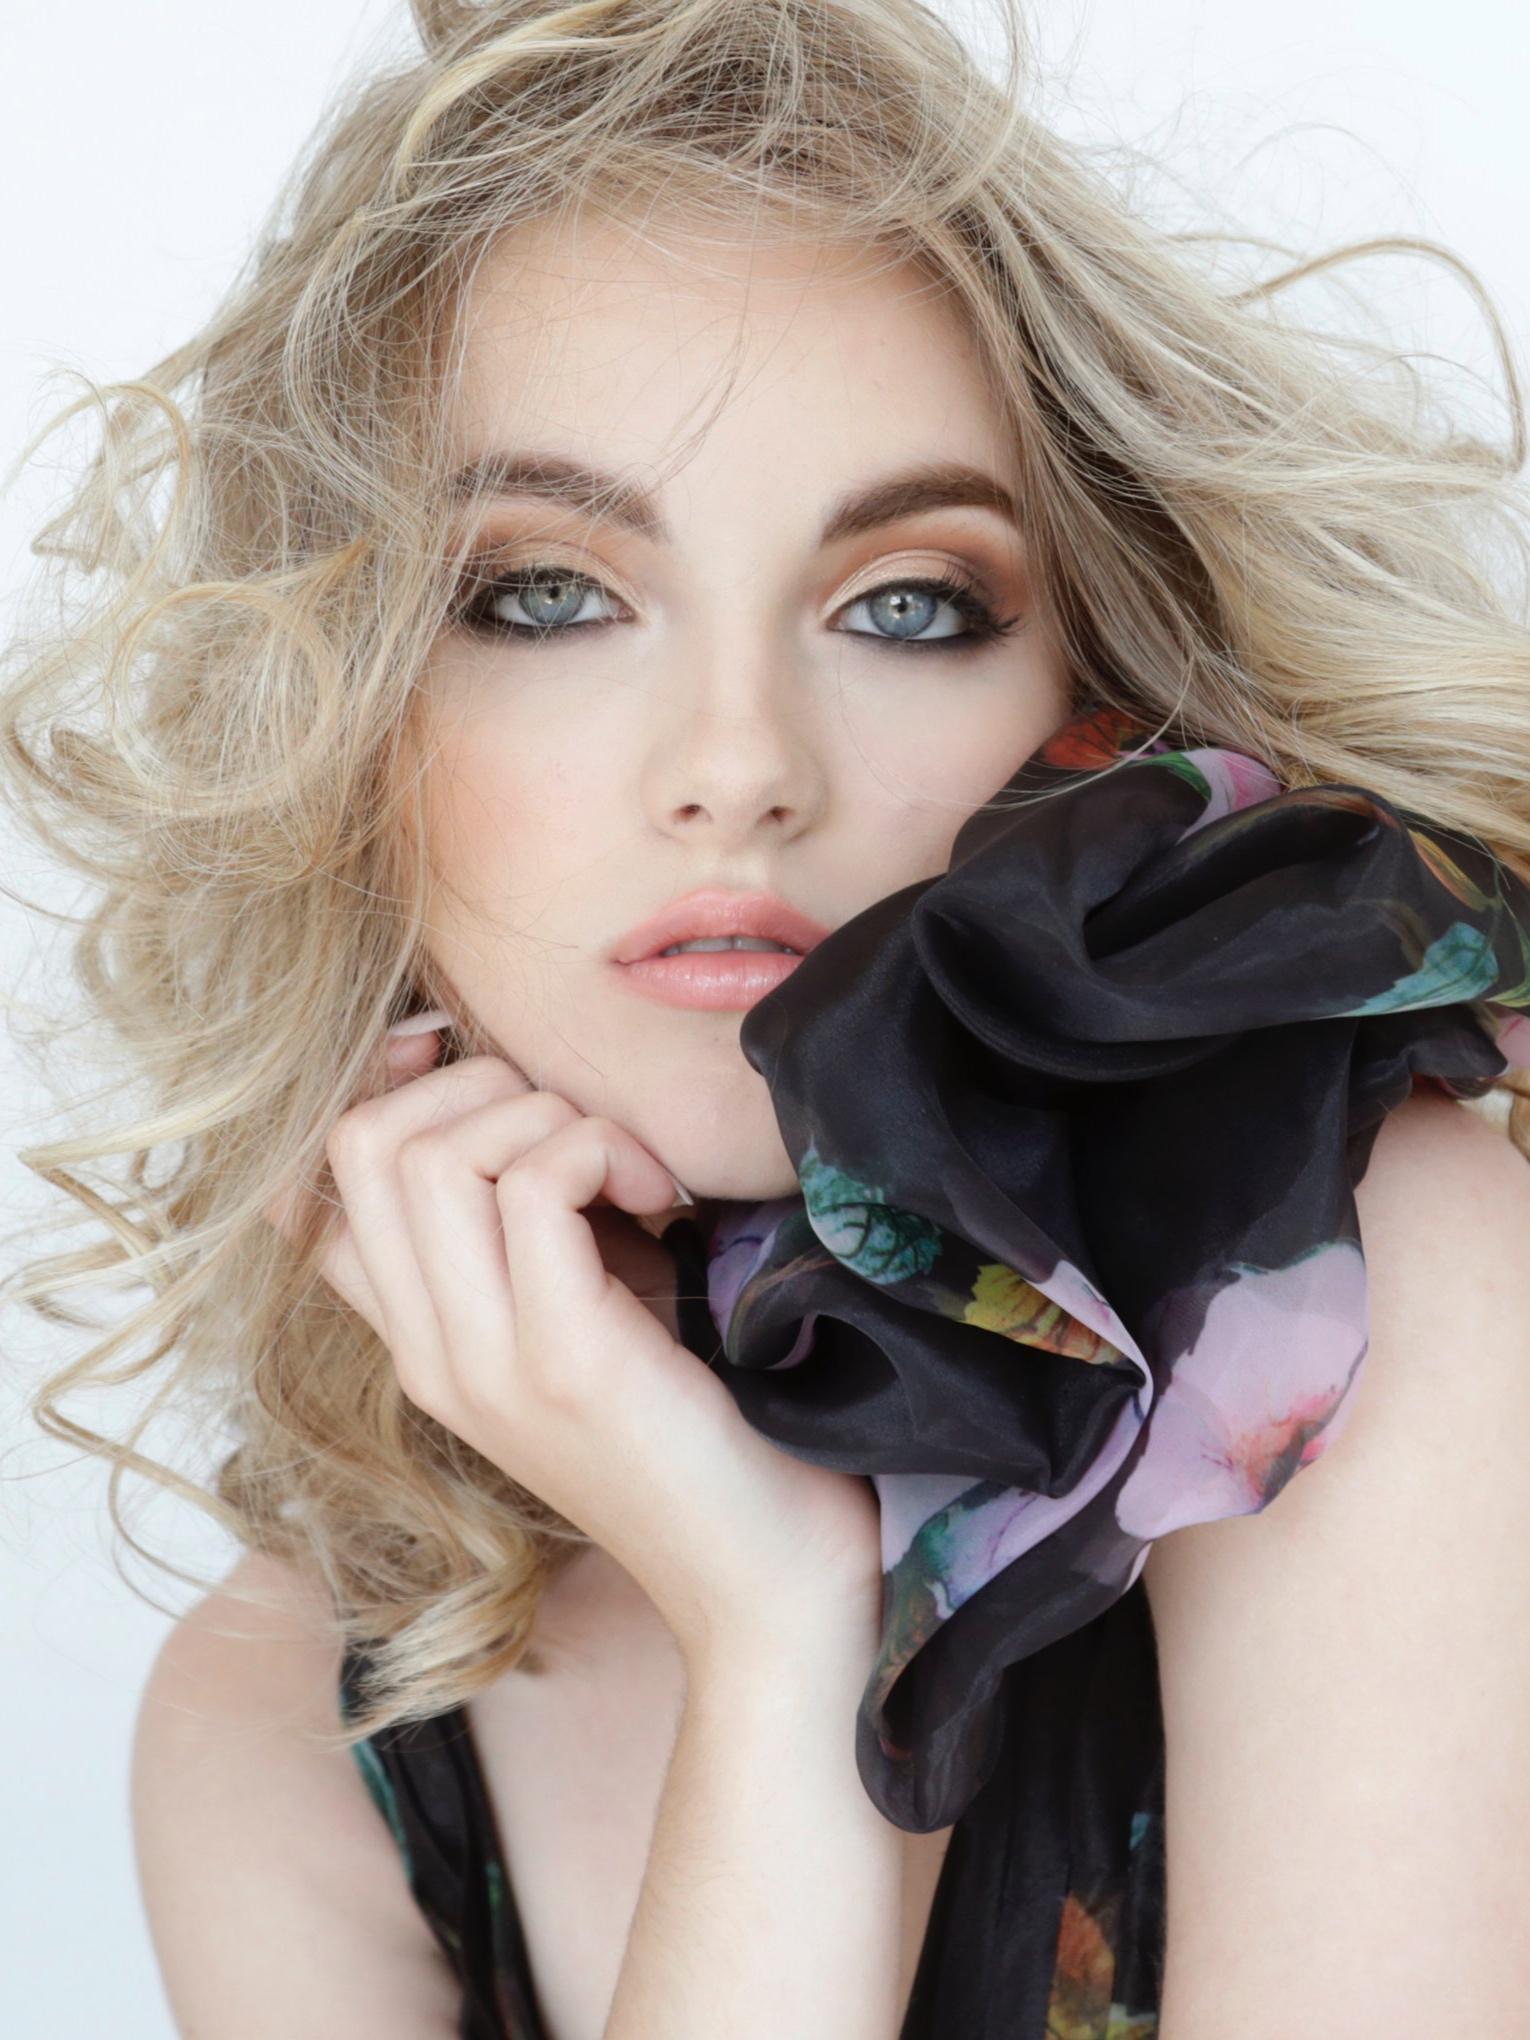 Katie-Guevarra-PhotoShoot-Hair-Makeup.jpg